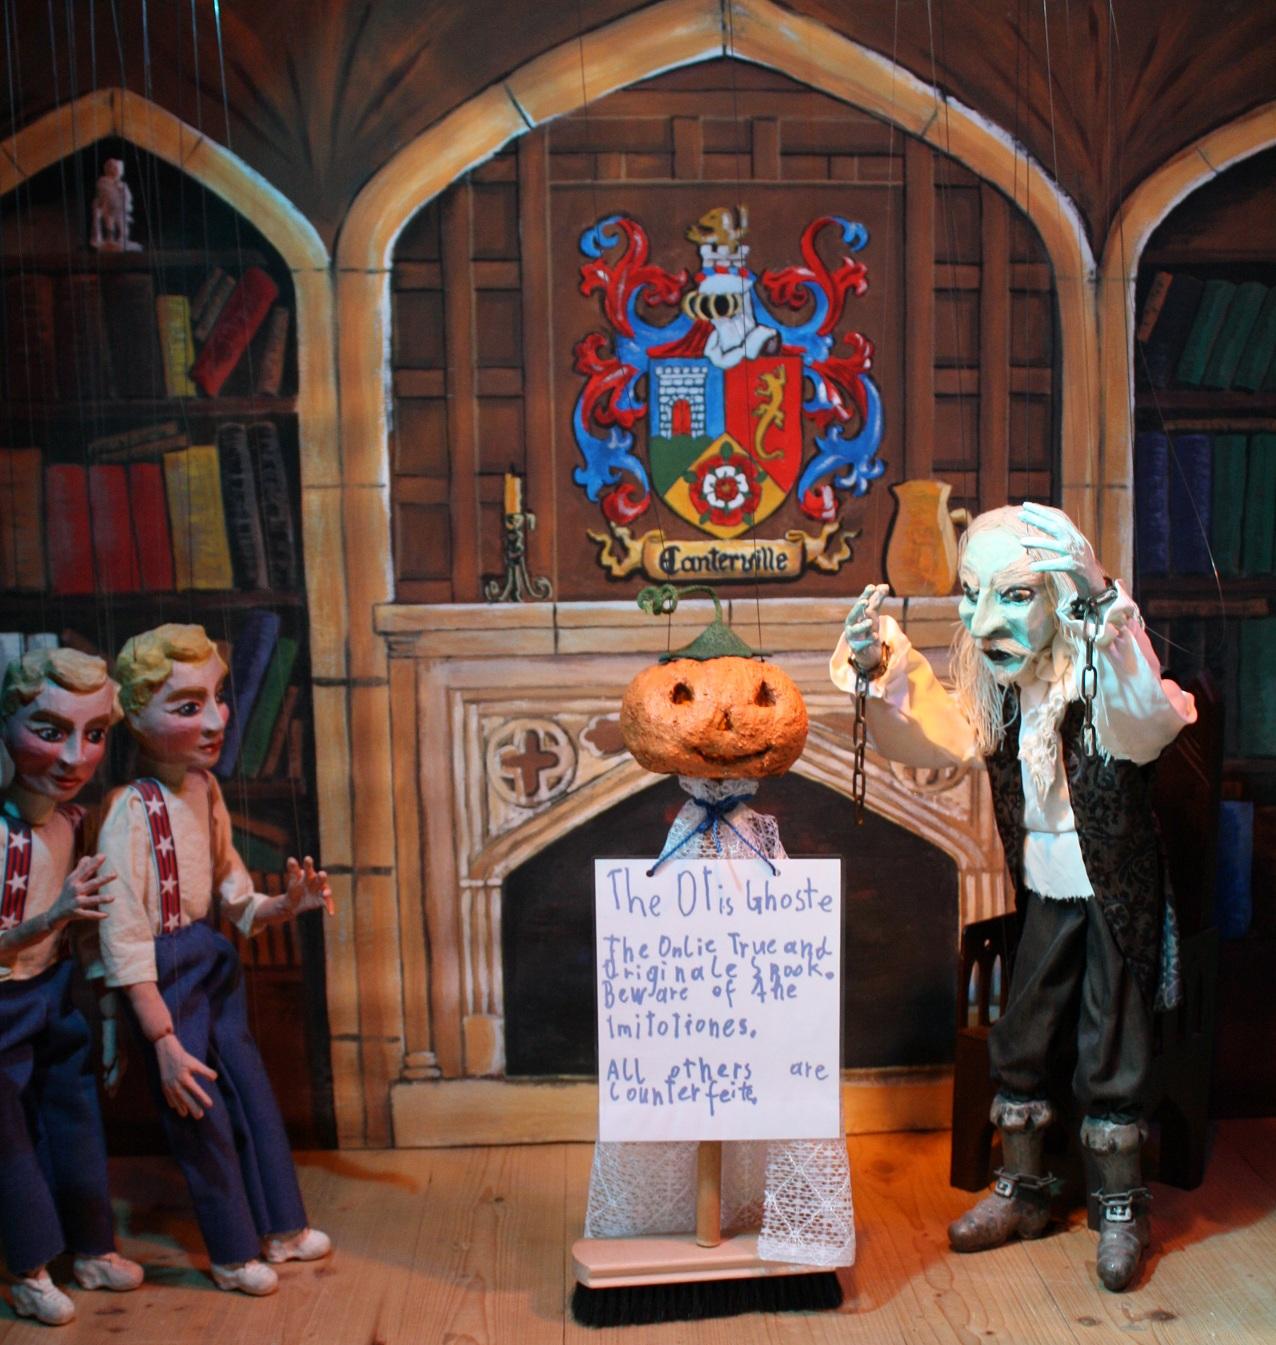 Die Otis-Zwillinge foppen den Geist mit einem Halloween-Gespenst.